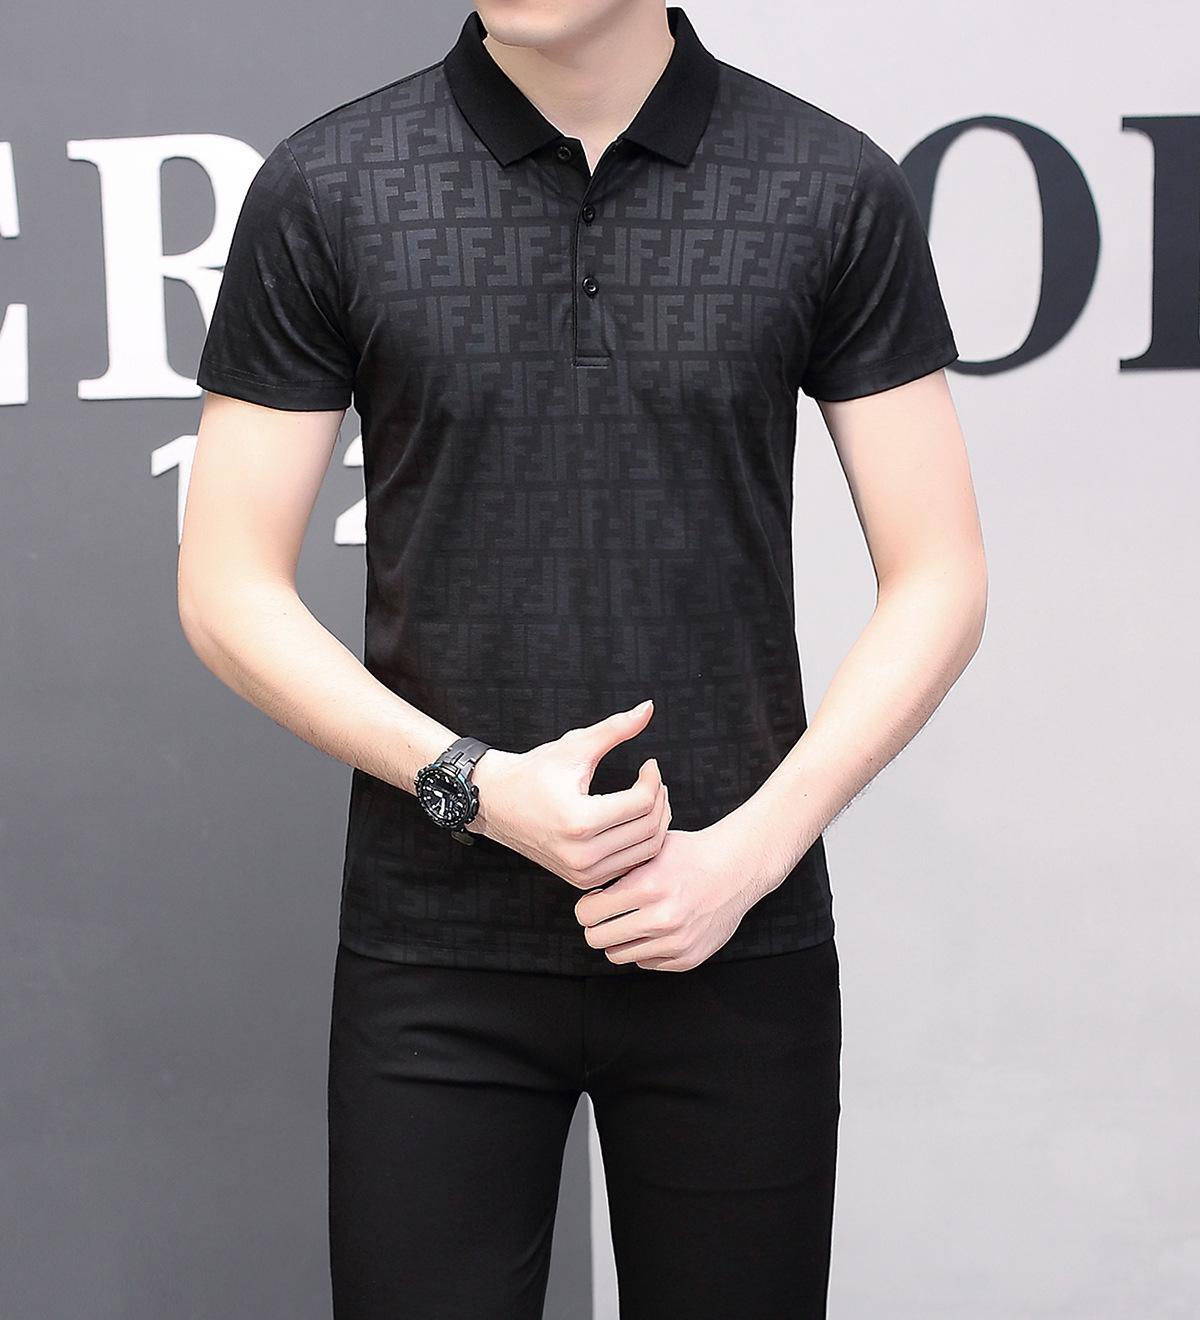 70d55eee7 Camiseta de manga corta Camiseta de hombre joven y de mediana edad con  solapa Medio de solapa de algodón Camiseta de solapa